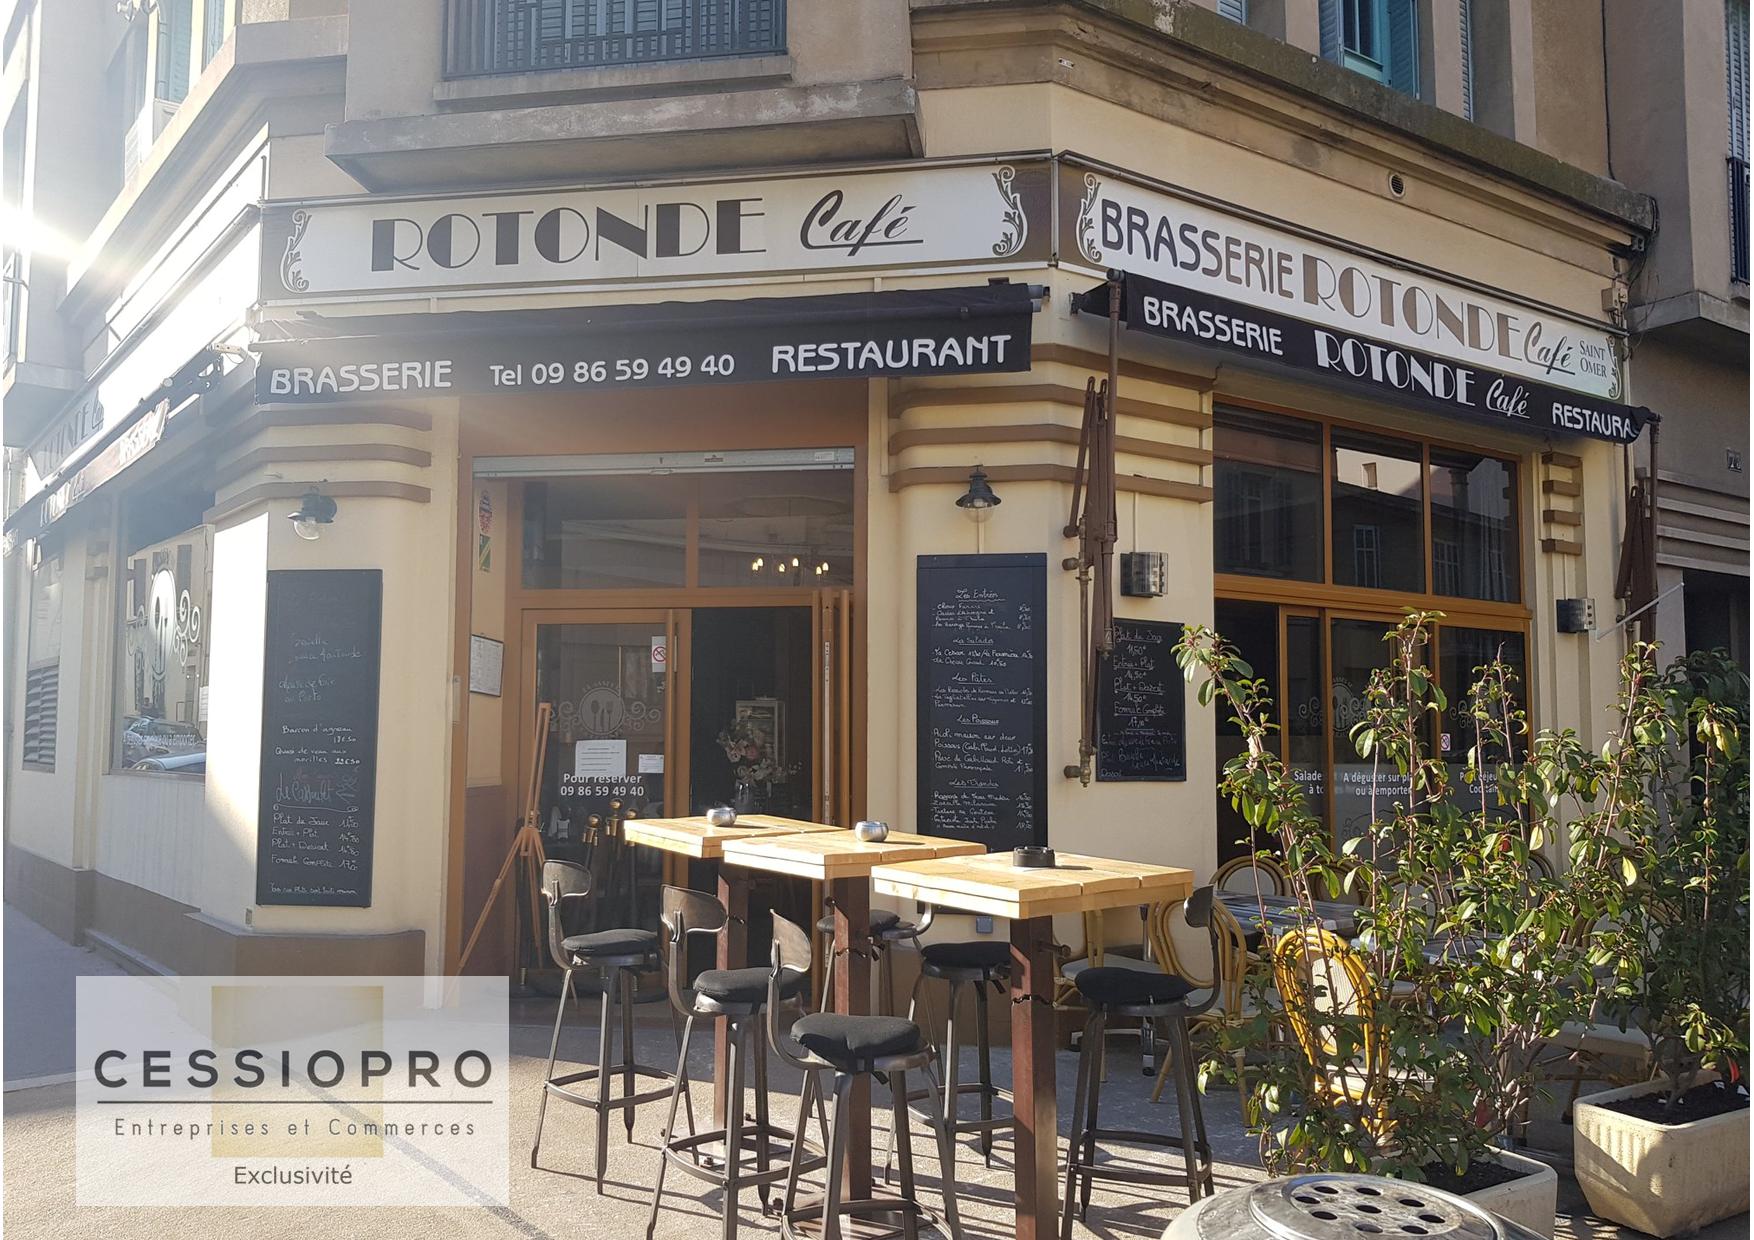 Fonds d'une brasserie au style rétro à Cannes - Bar Brasserie